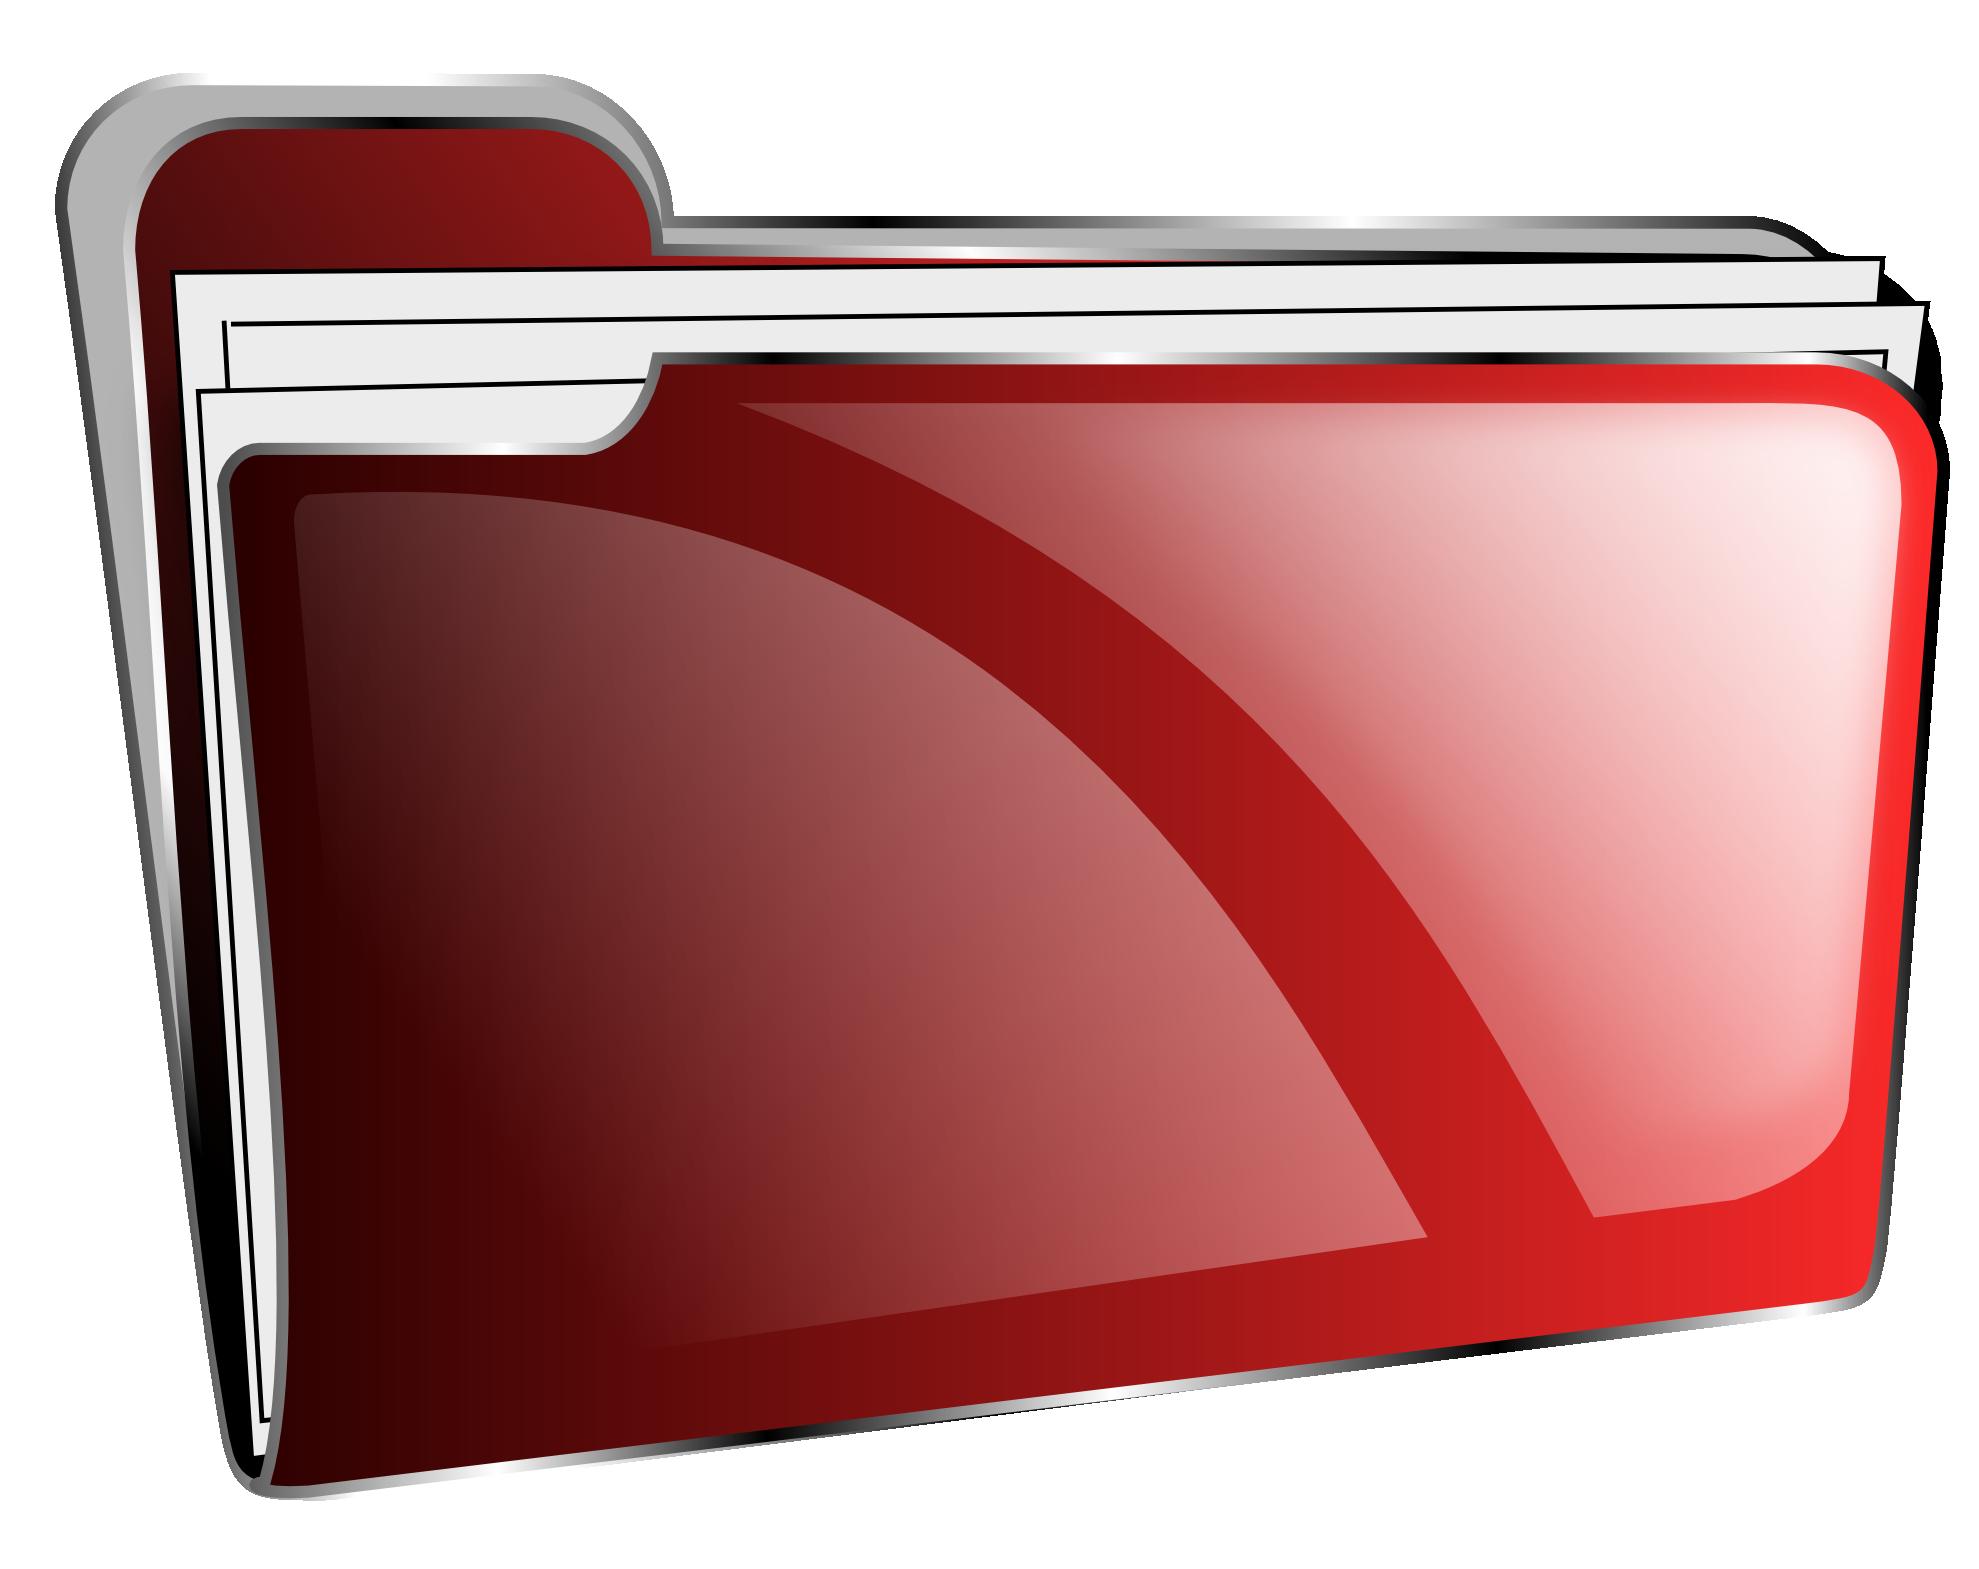 Folder PNG - 11459